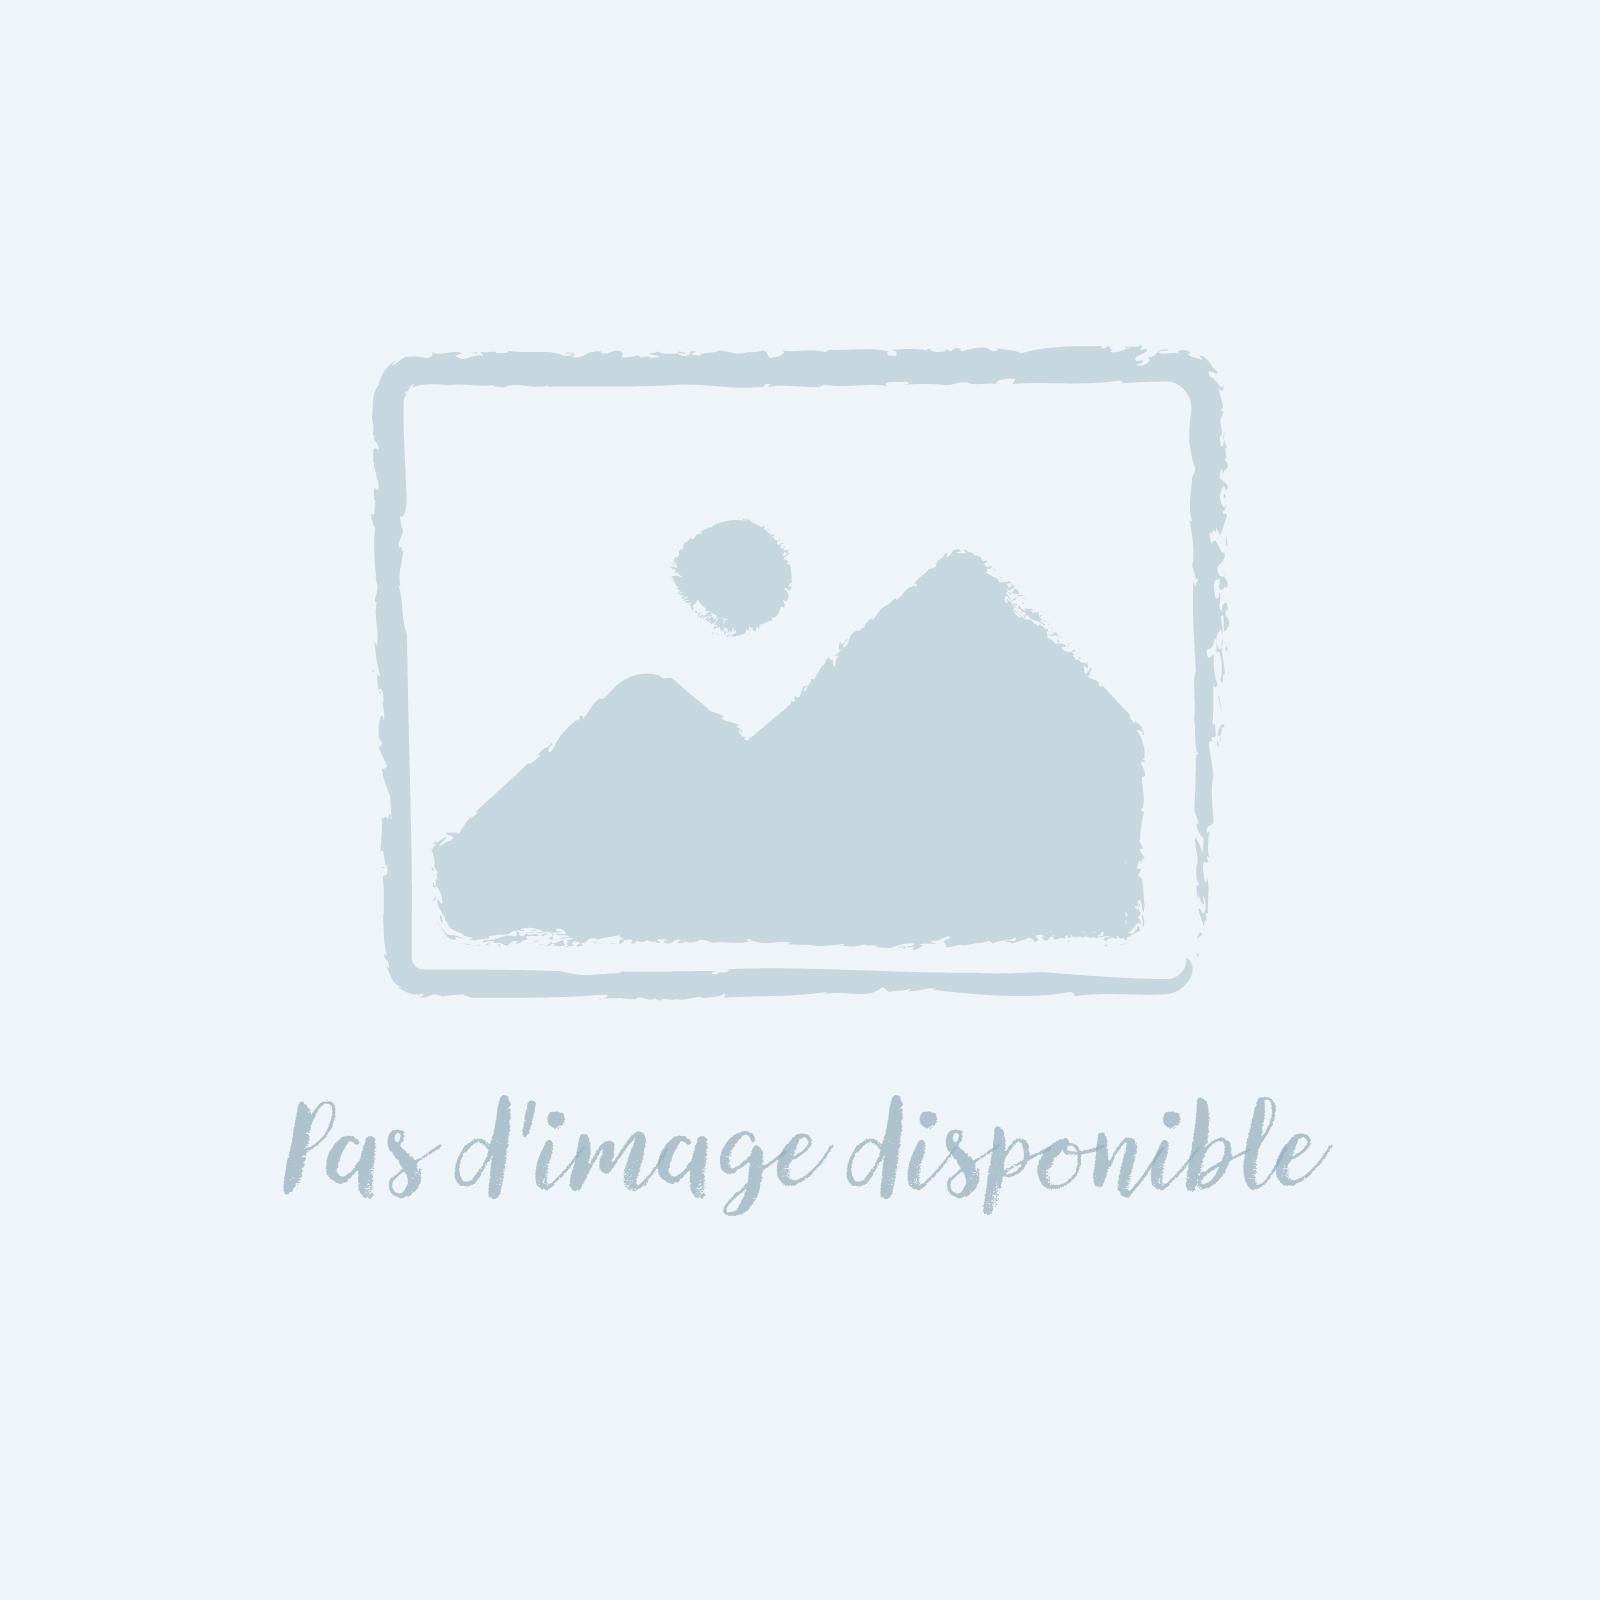 """Gerflor Creation 30 """"0795 Swiss oak cashmere"""" - Photo de dessus - Lame PVC à coller"""